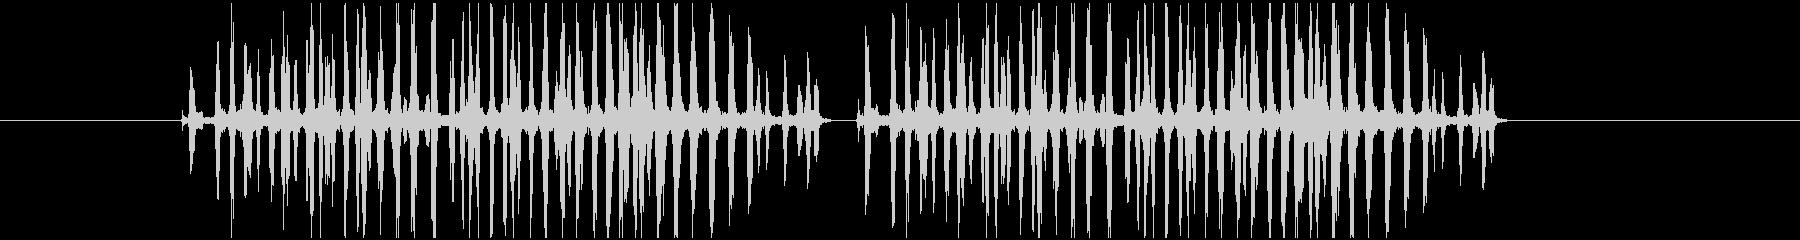 文鳥が怒っている鳴き声の音の未再生の波形